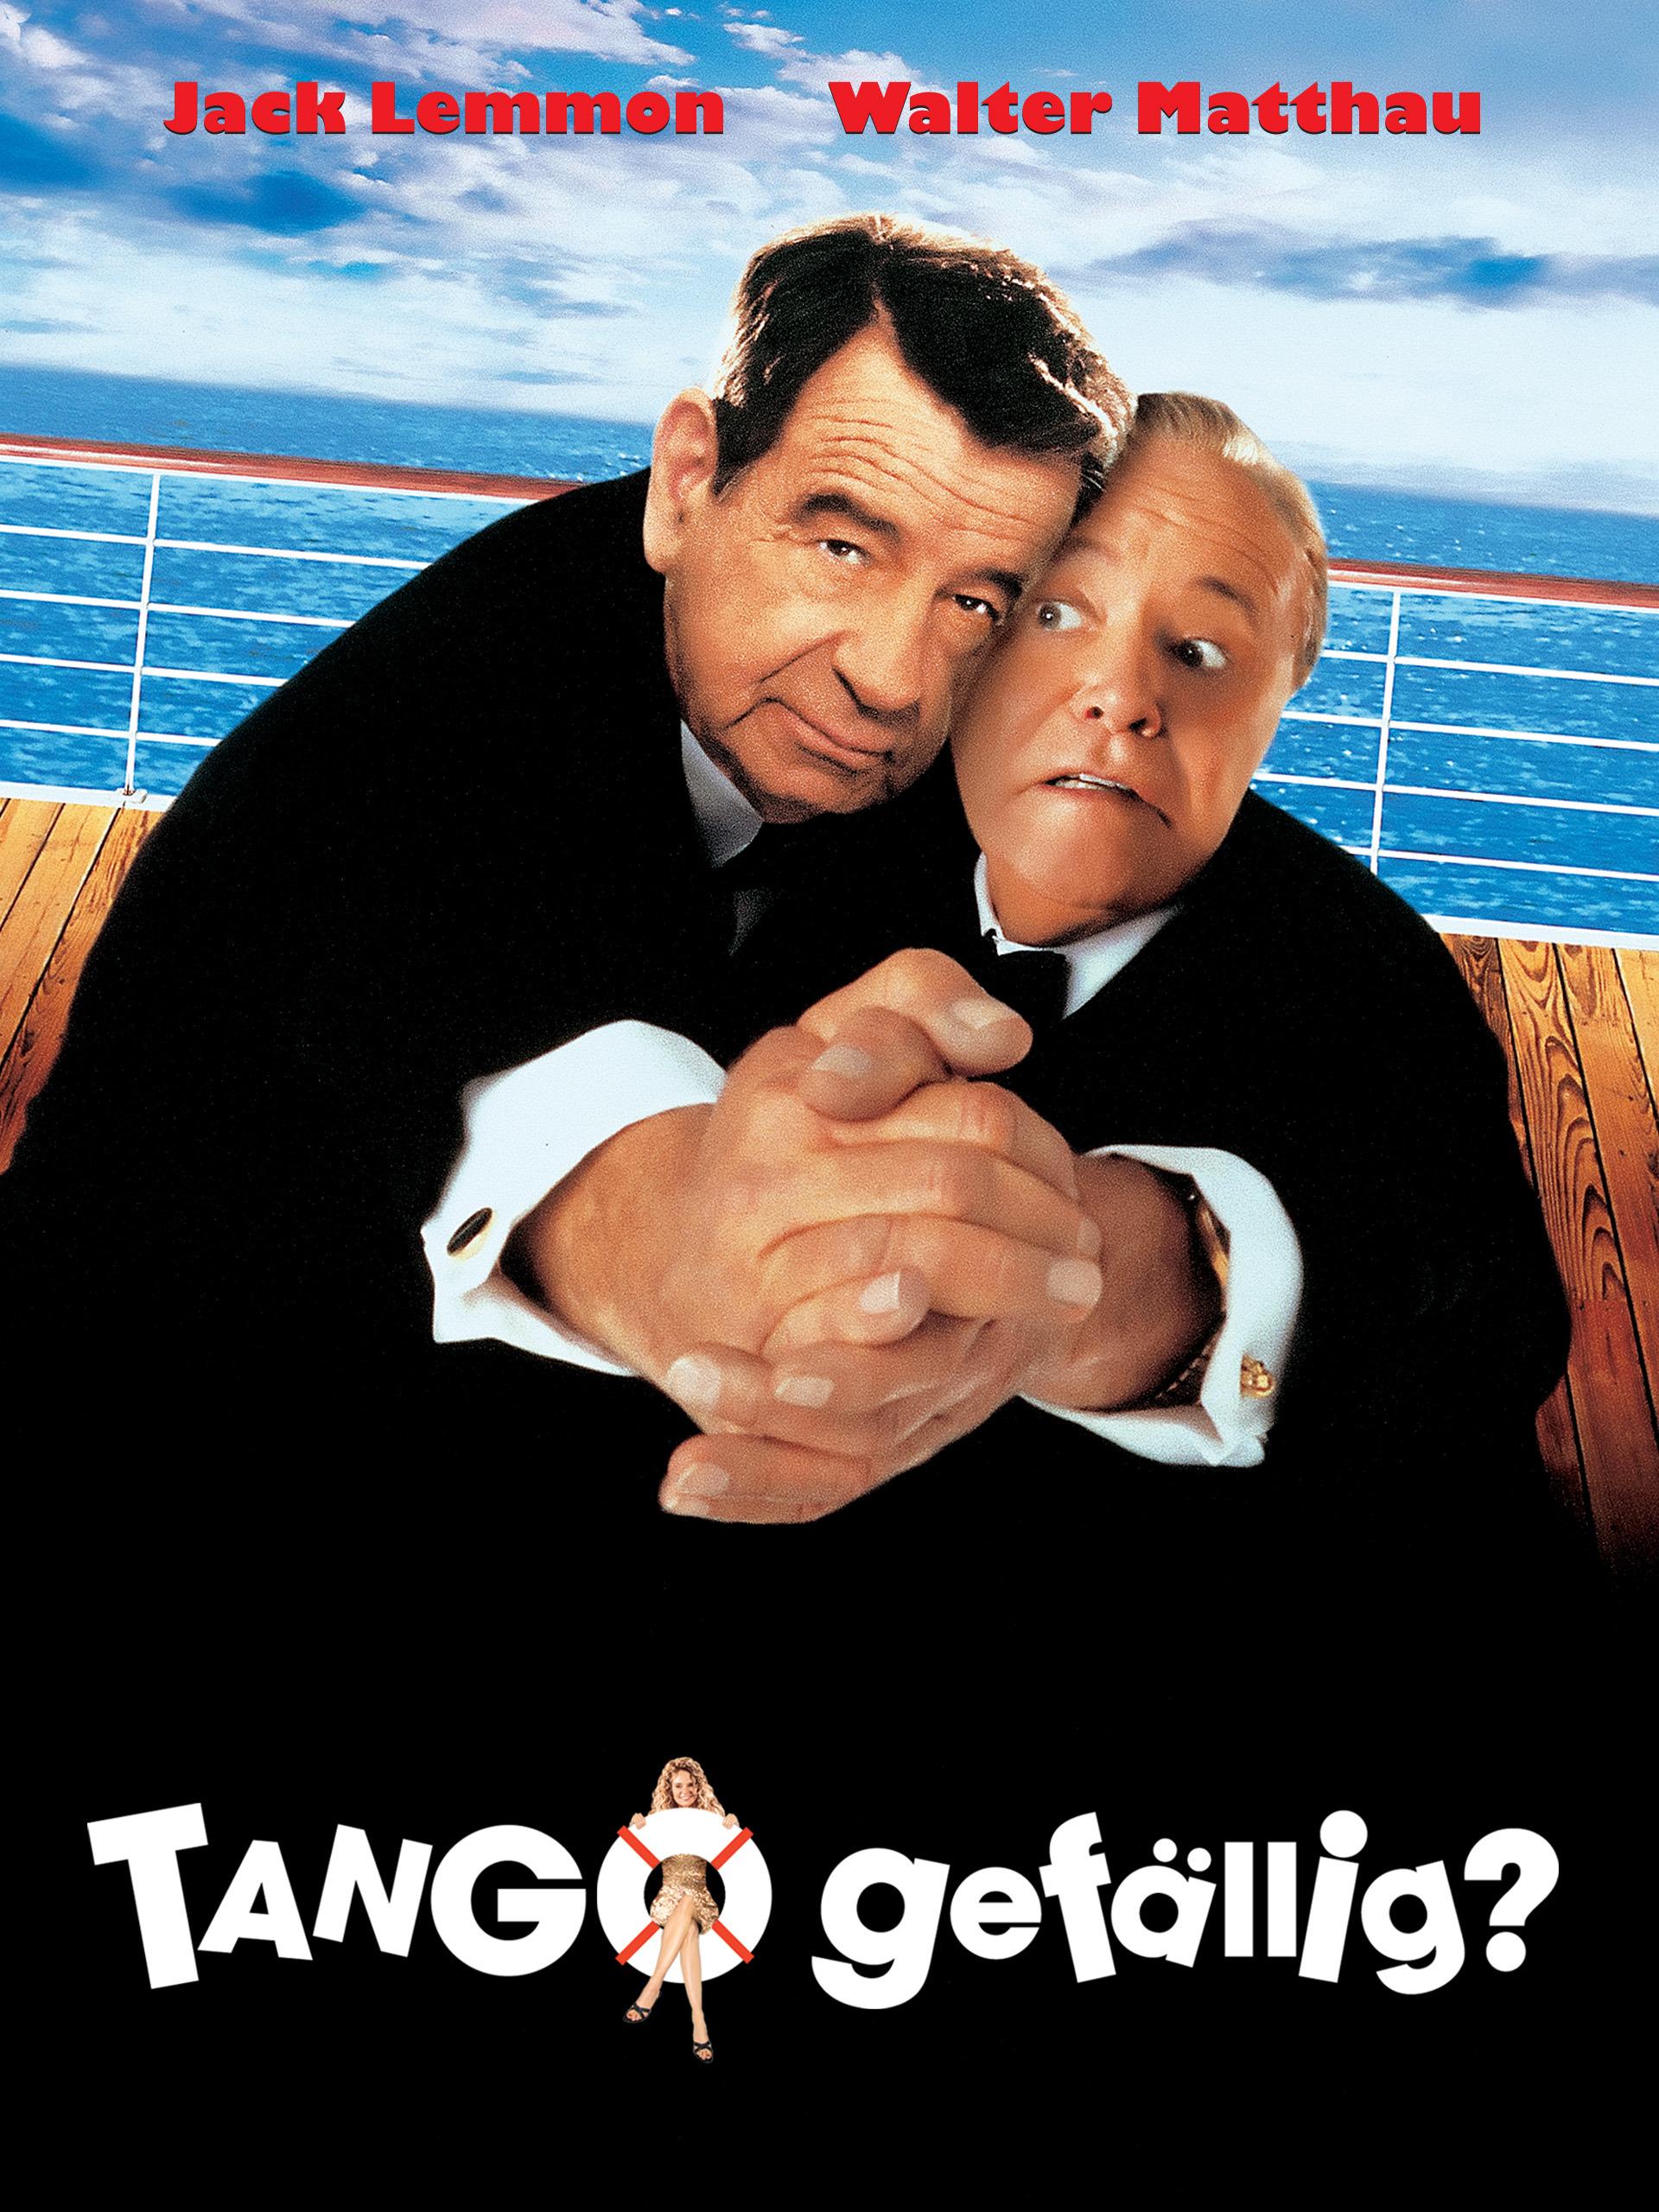 Tango gefällig?